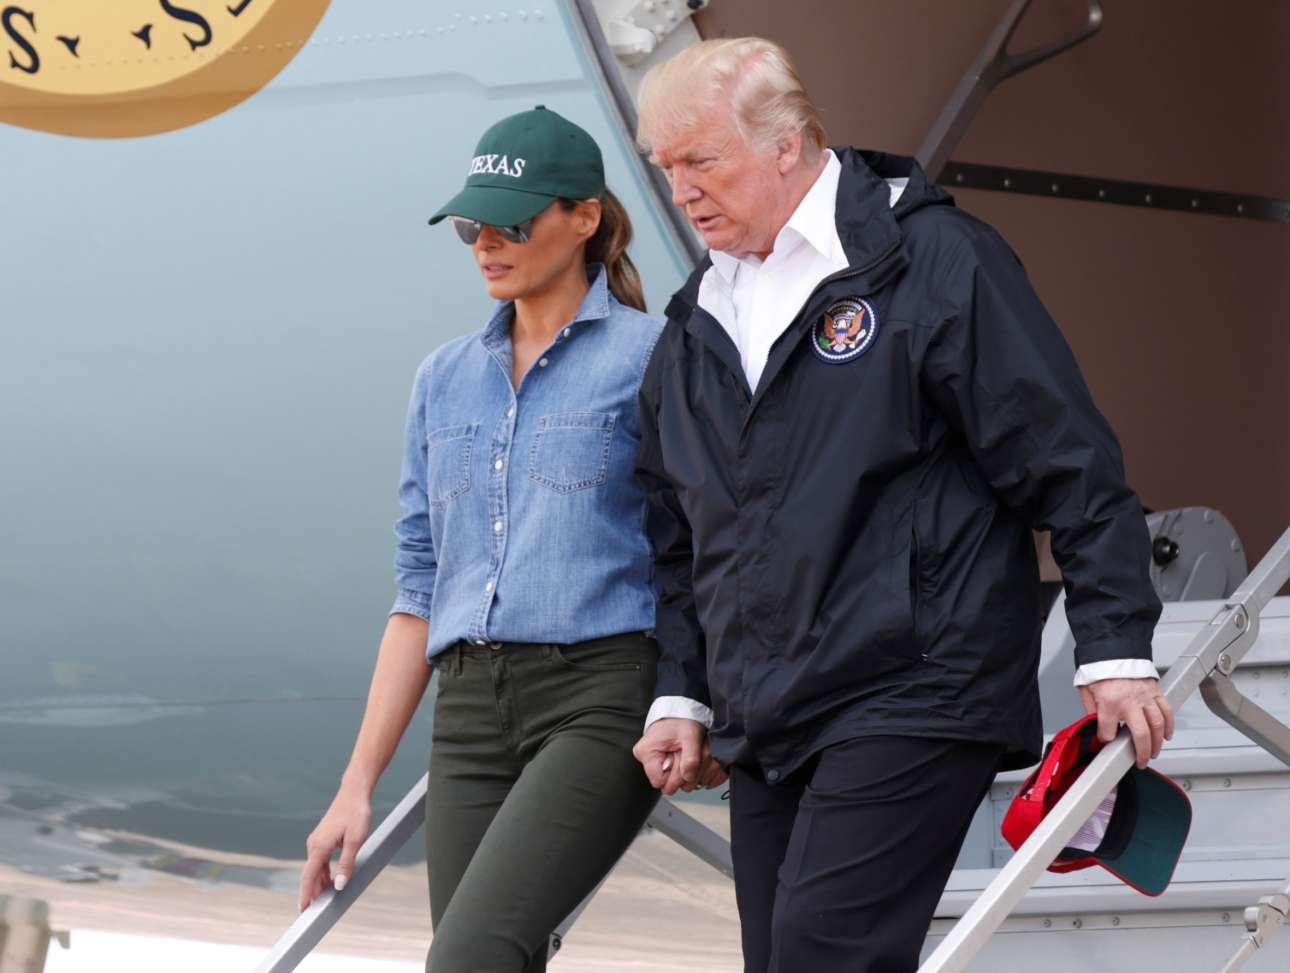 Σάββατο, 2 Αυγούστου, Χιούστον. Το προεδρικό ζεύγος των ΗΠΑ στη δεύτερη επίσκεψή του στις πληγείσες περιοχές του Χάρβεϊ. Και πάλι η Μελάνια Τραμπ ξεκίνησε από τον Λευκό Οίκο με γόβες, αλλά κατά τη διάρκεια της πτήσης φόρεσε πιο σπορ ρούχα